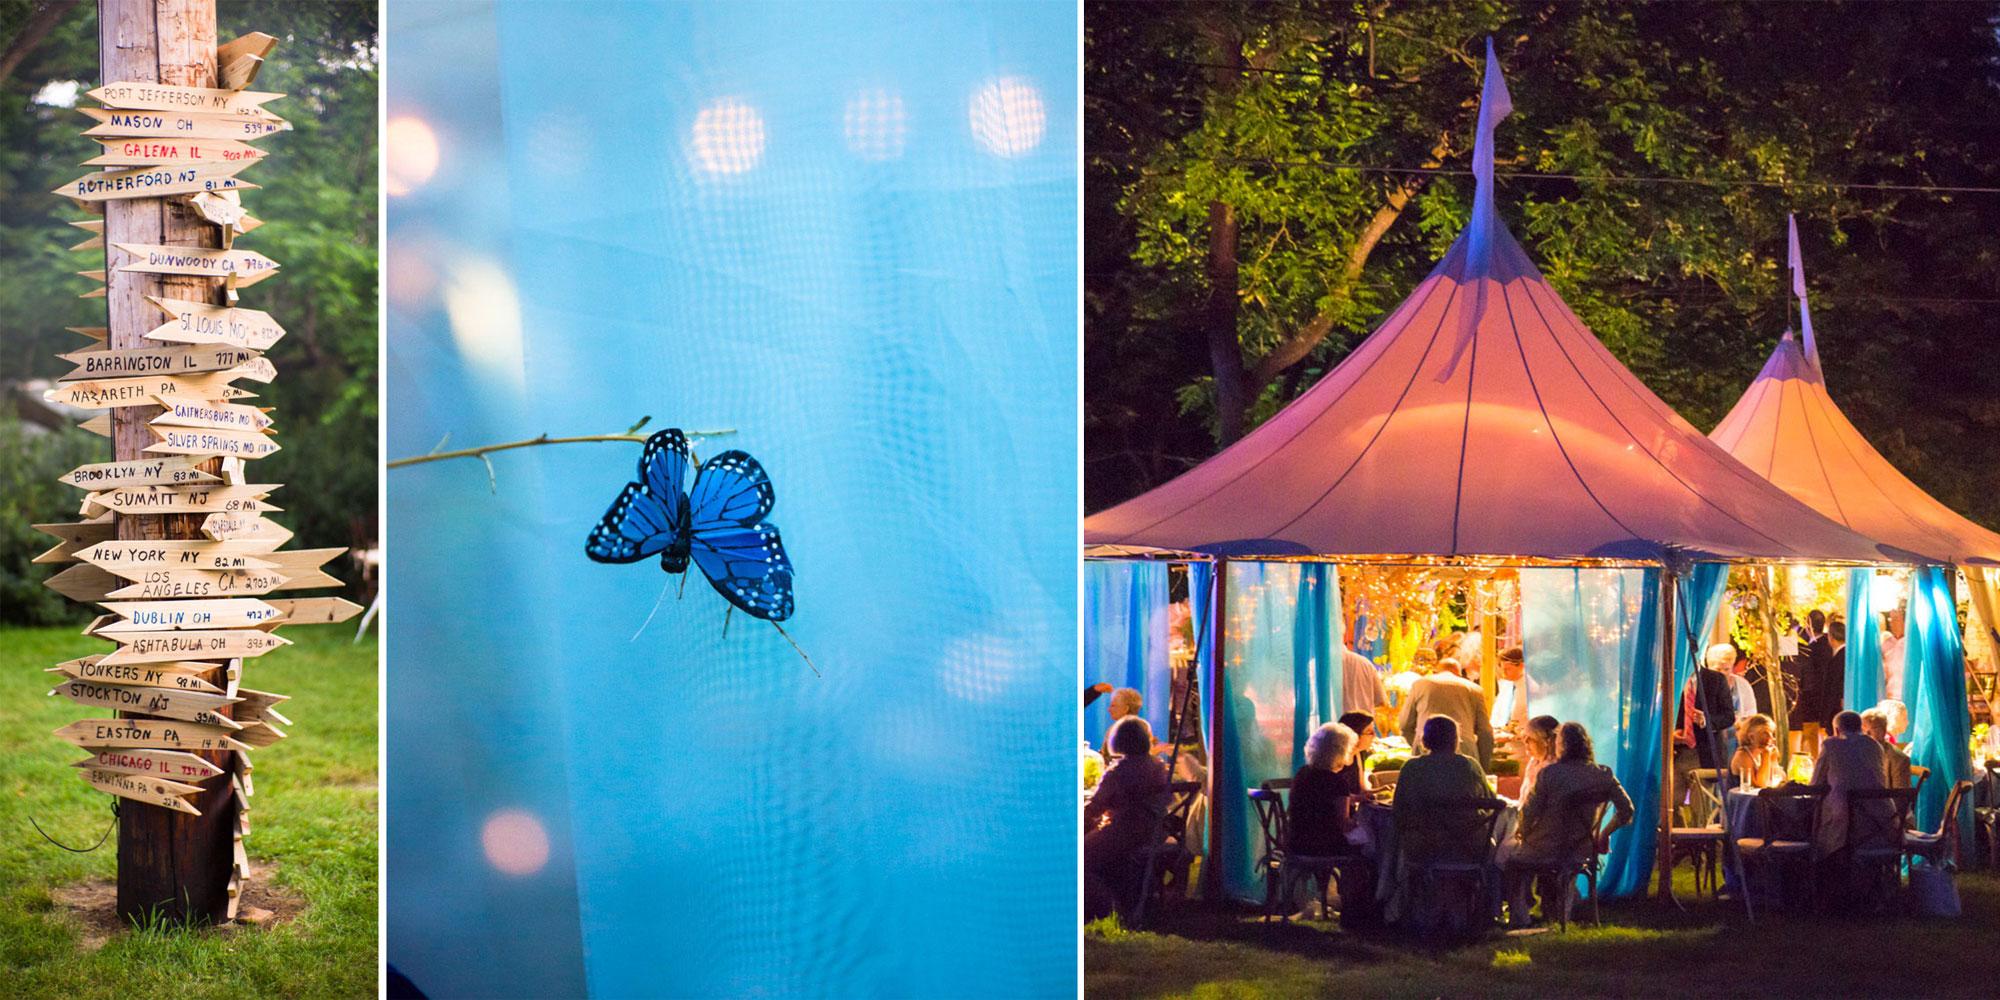 tents-d-&-I.jpg